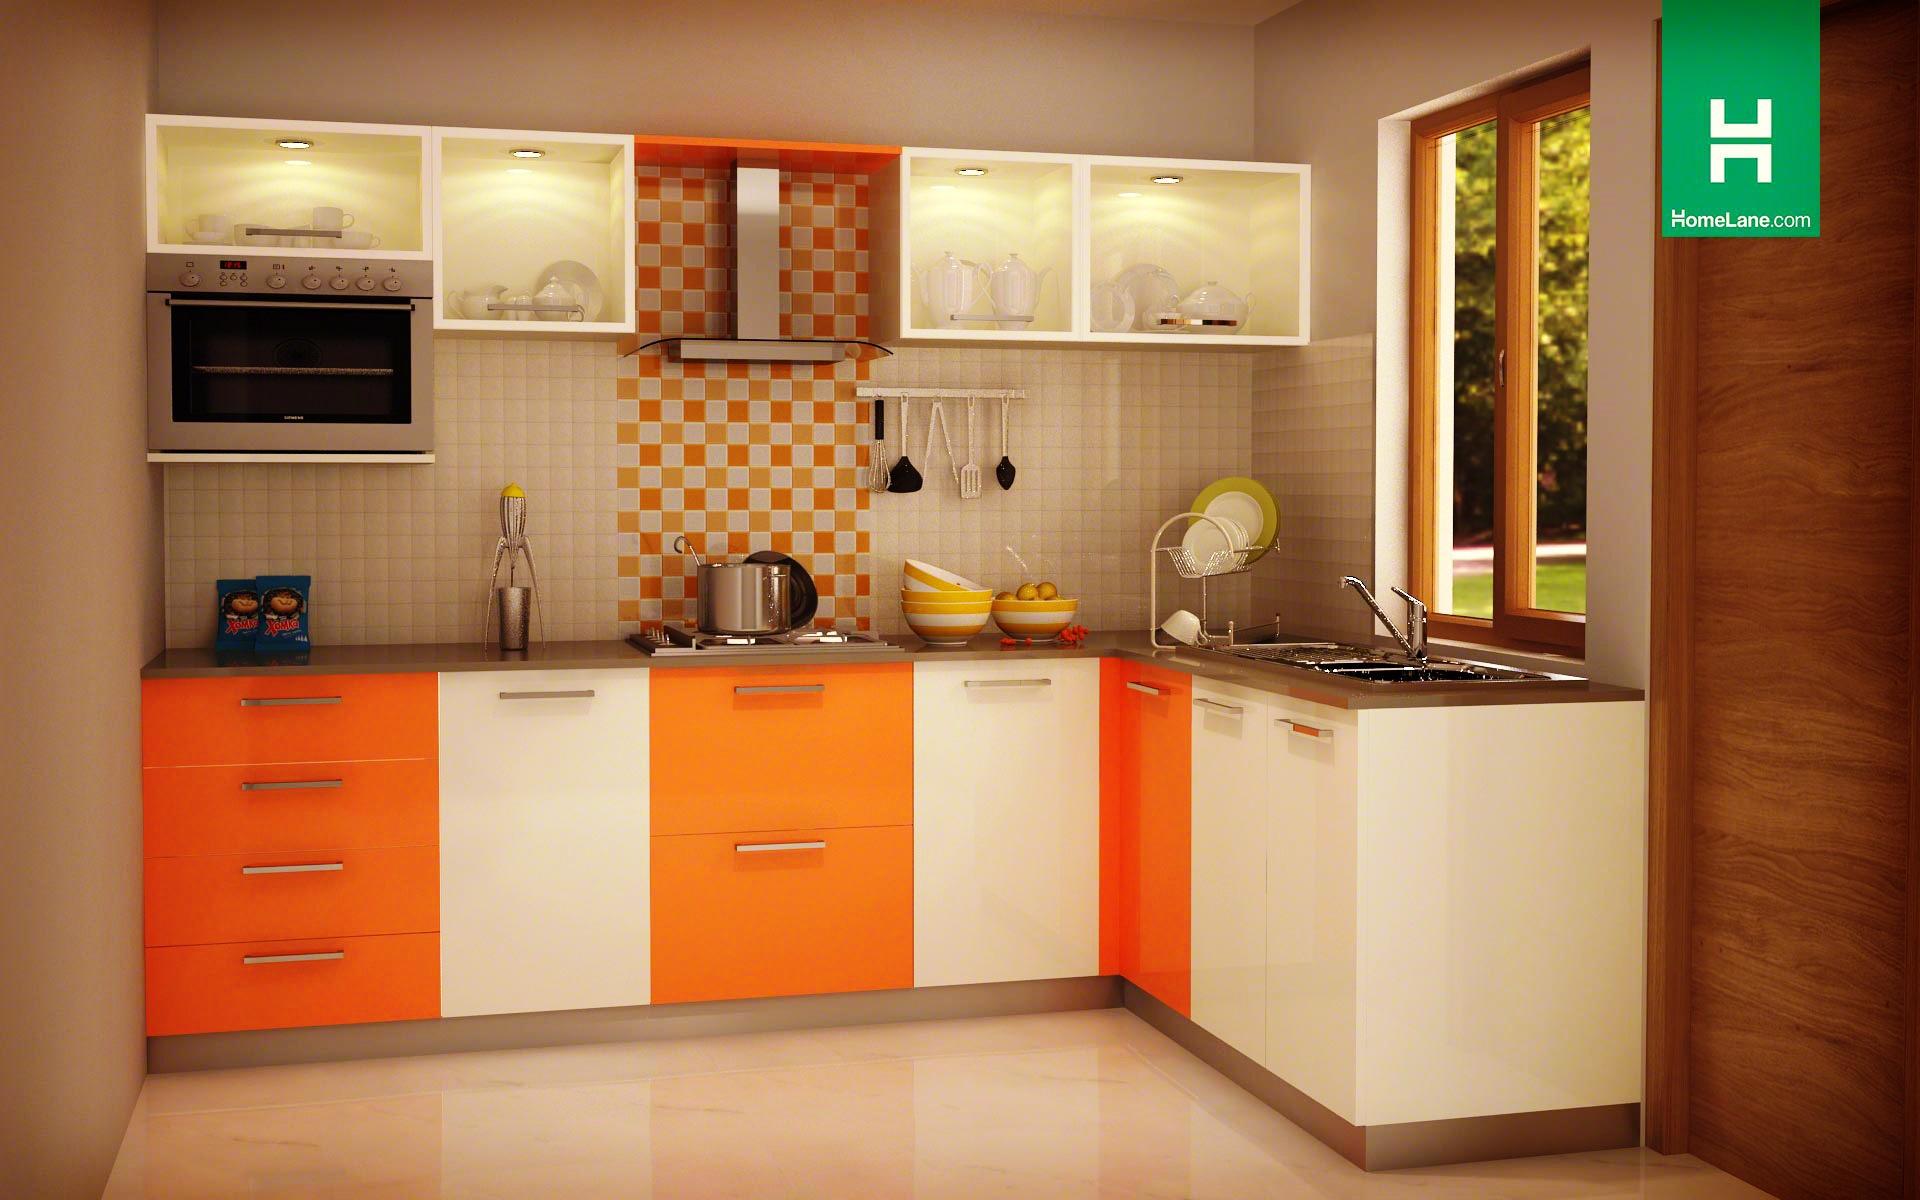 modular kitchen condor exquisite l-shaped kitchen ODFSTVG